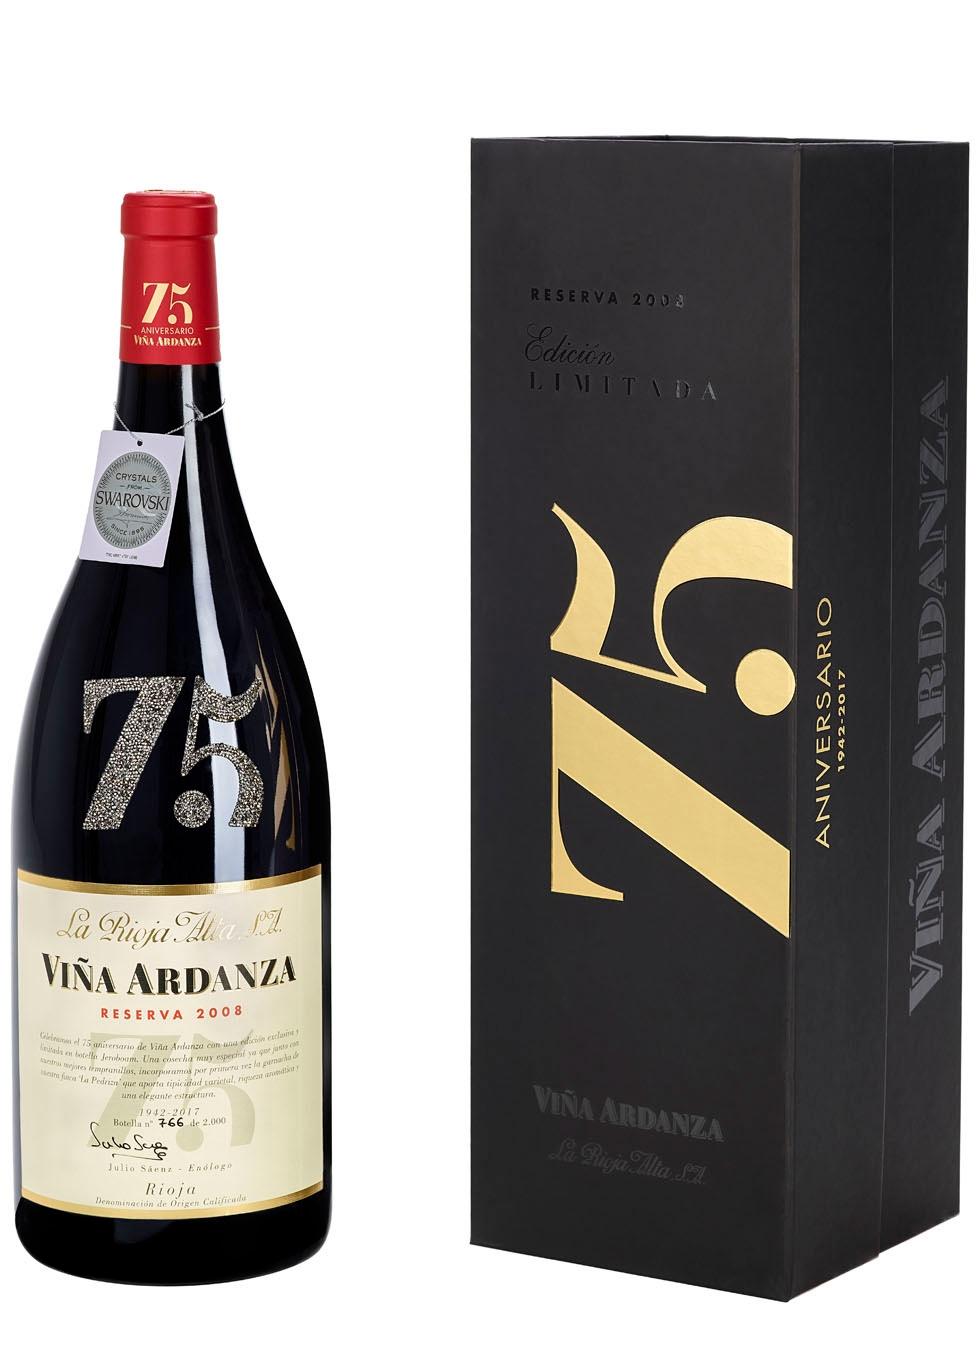 Vina Ardanza 75th Anniversary Edition Jeroboam